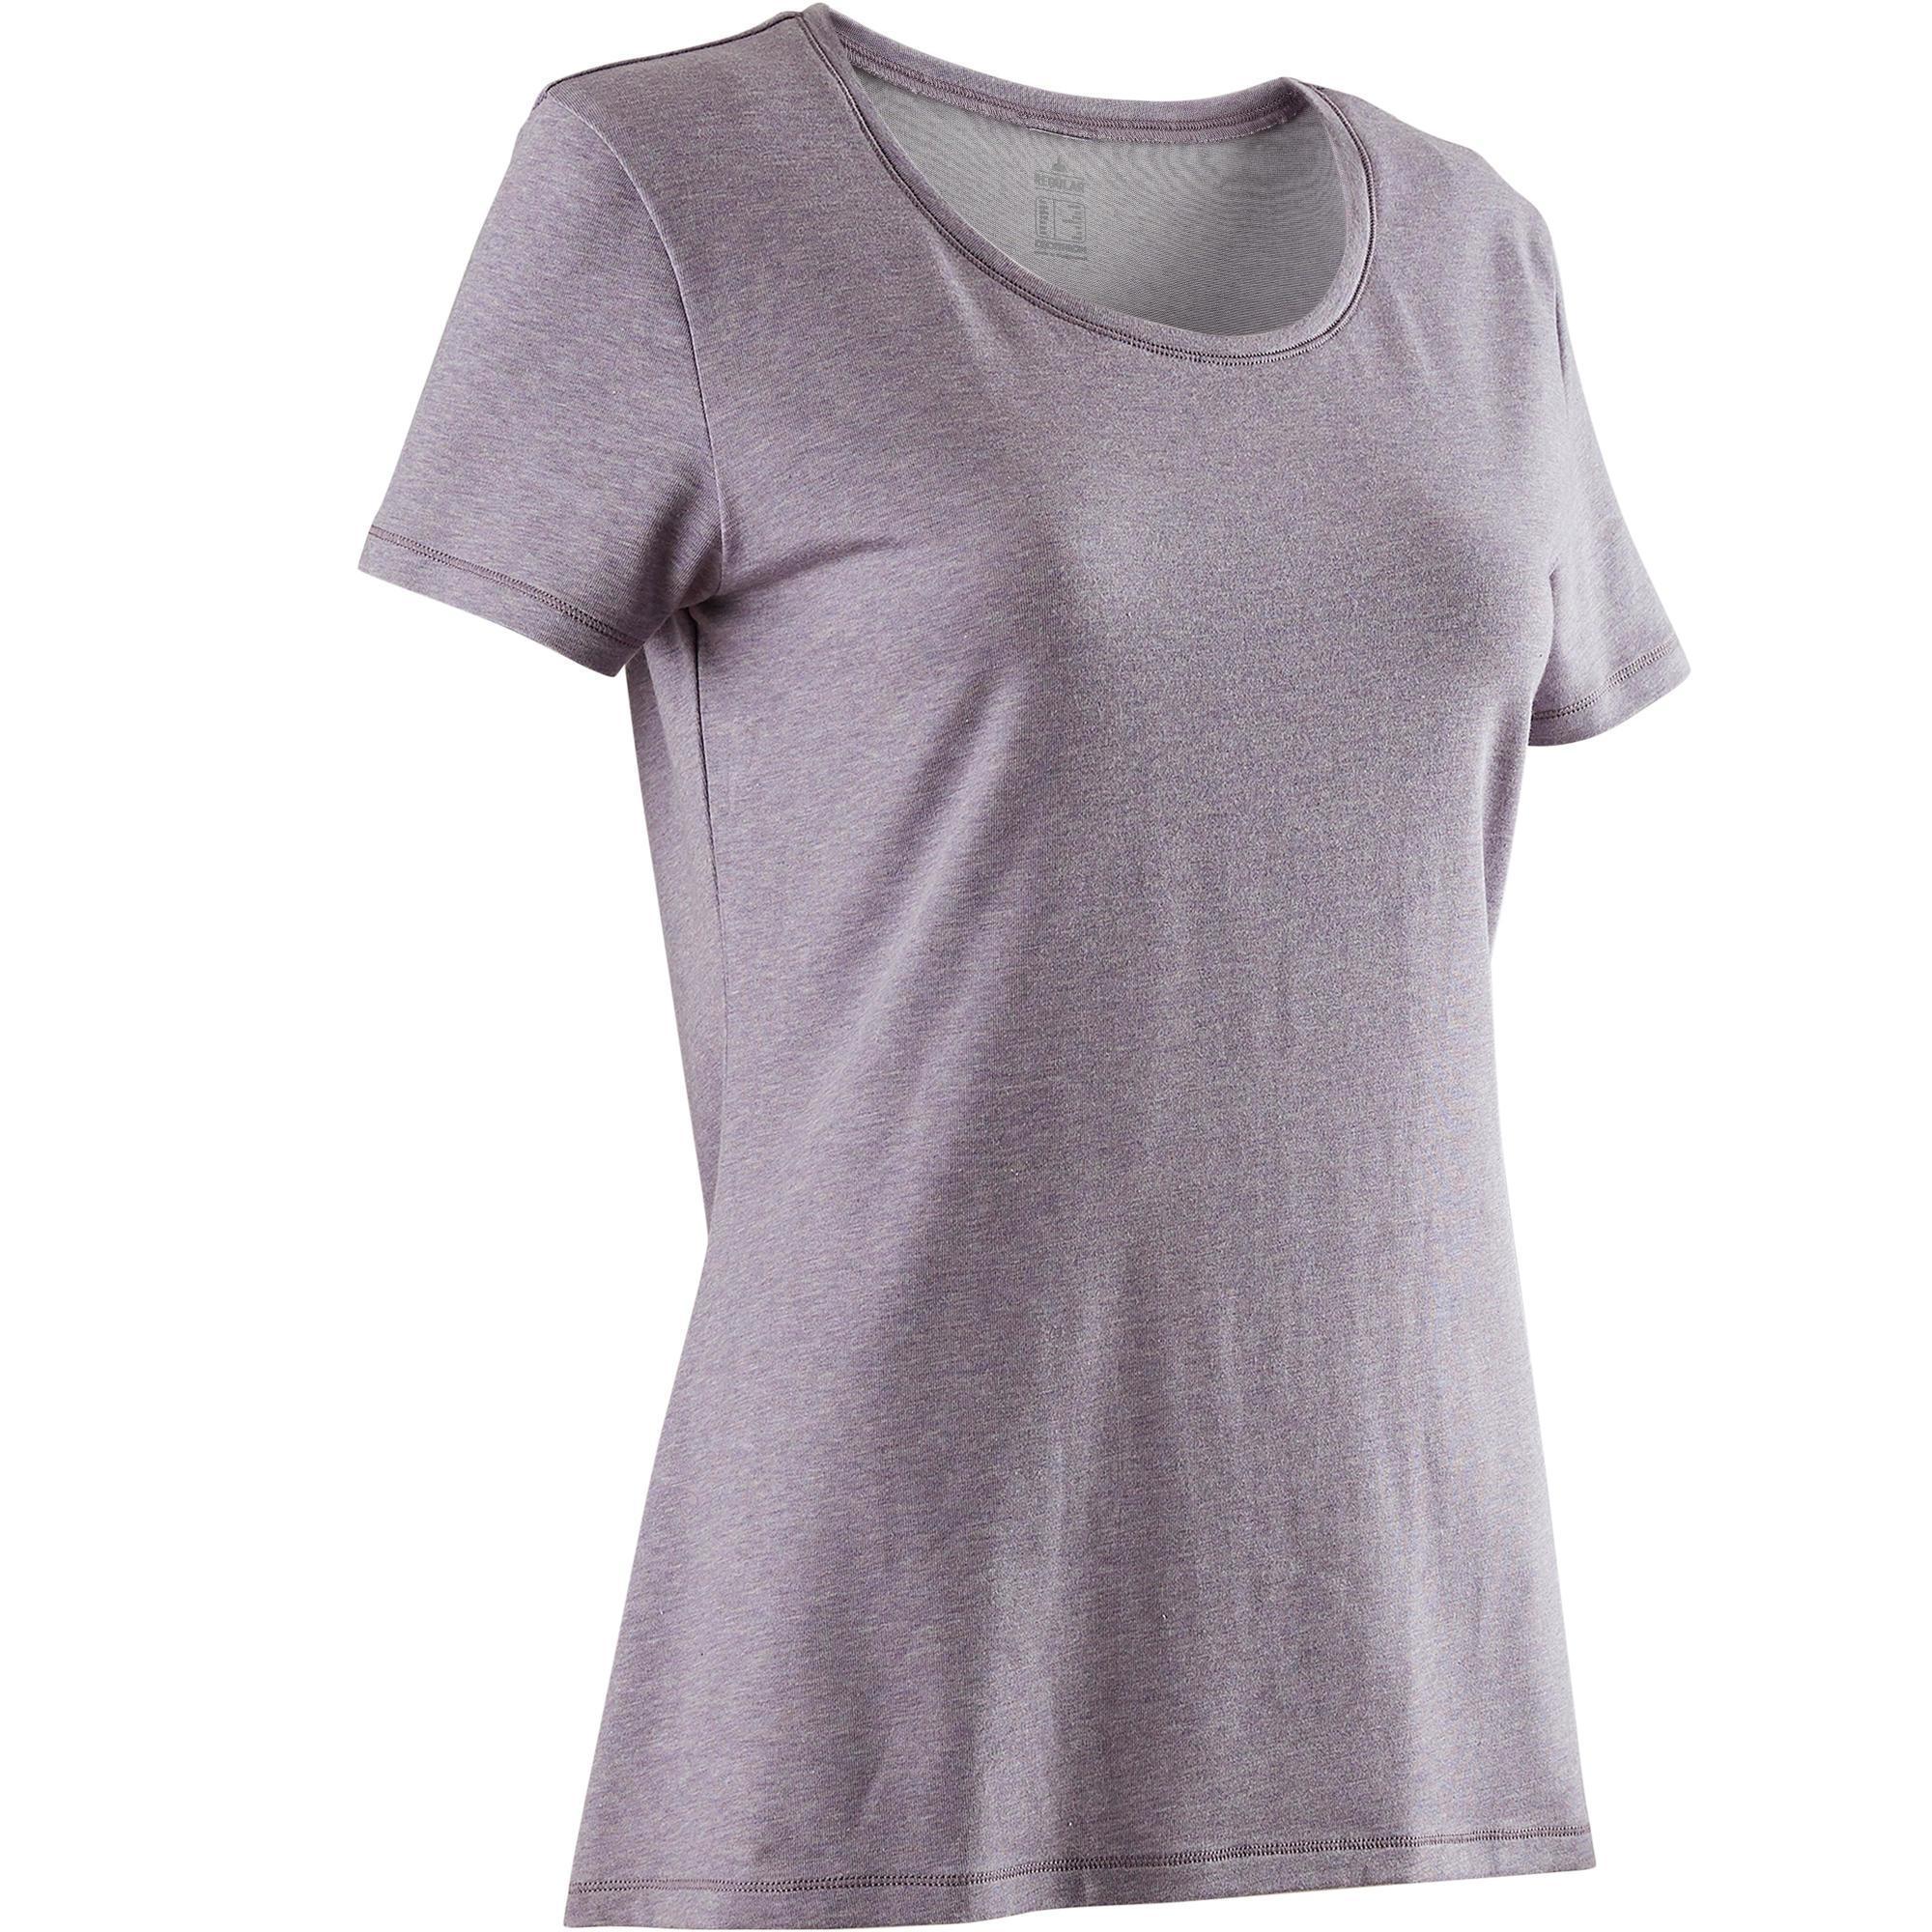 Domyos Dames T-shirt 500 voor gym en pilates regular fit